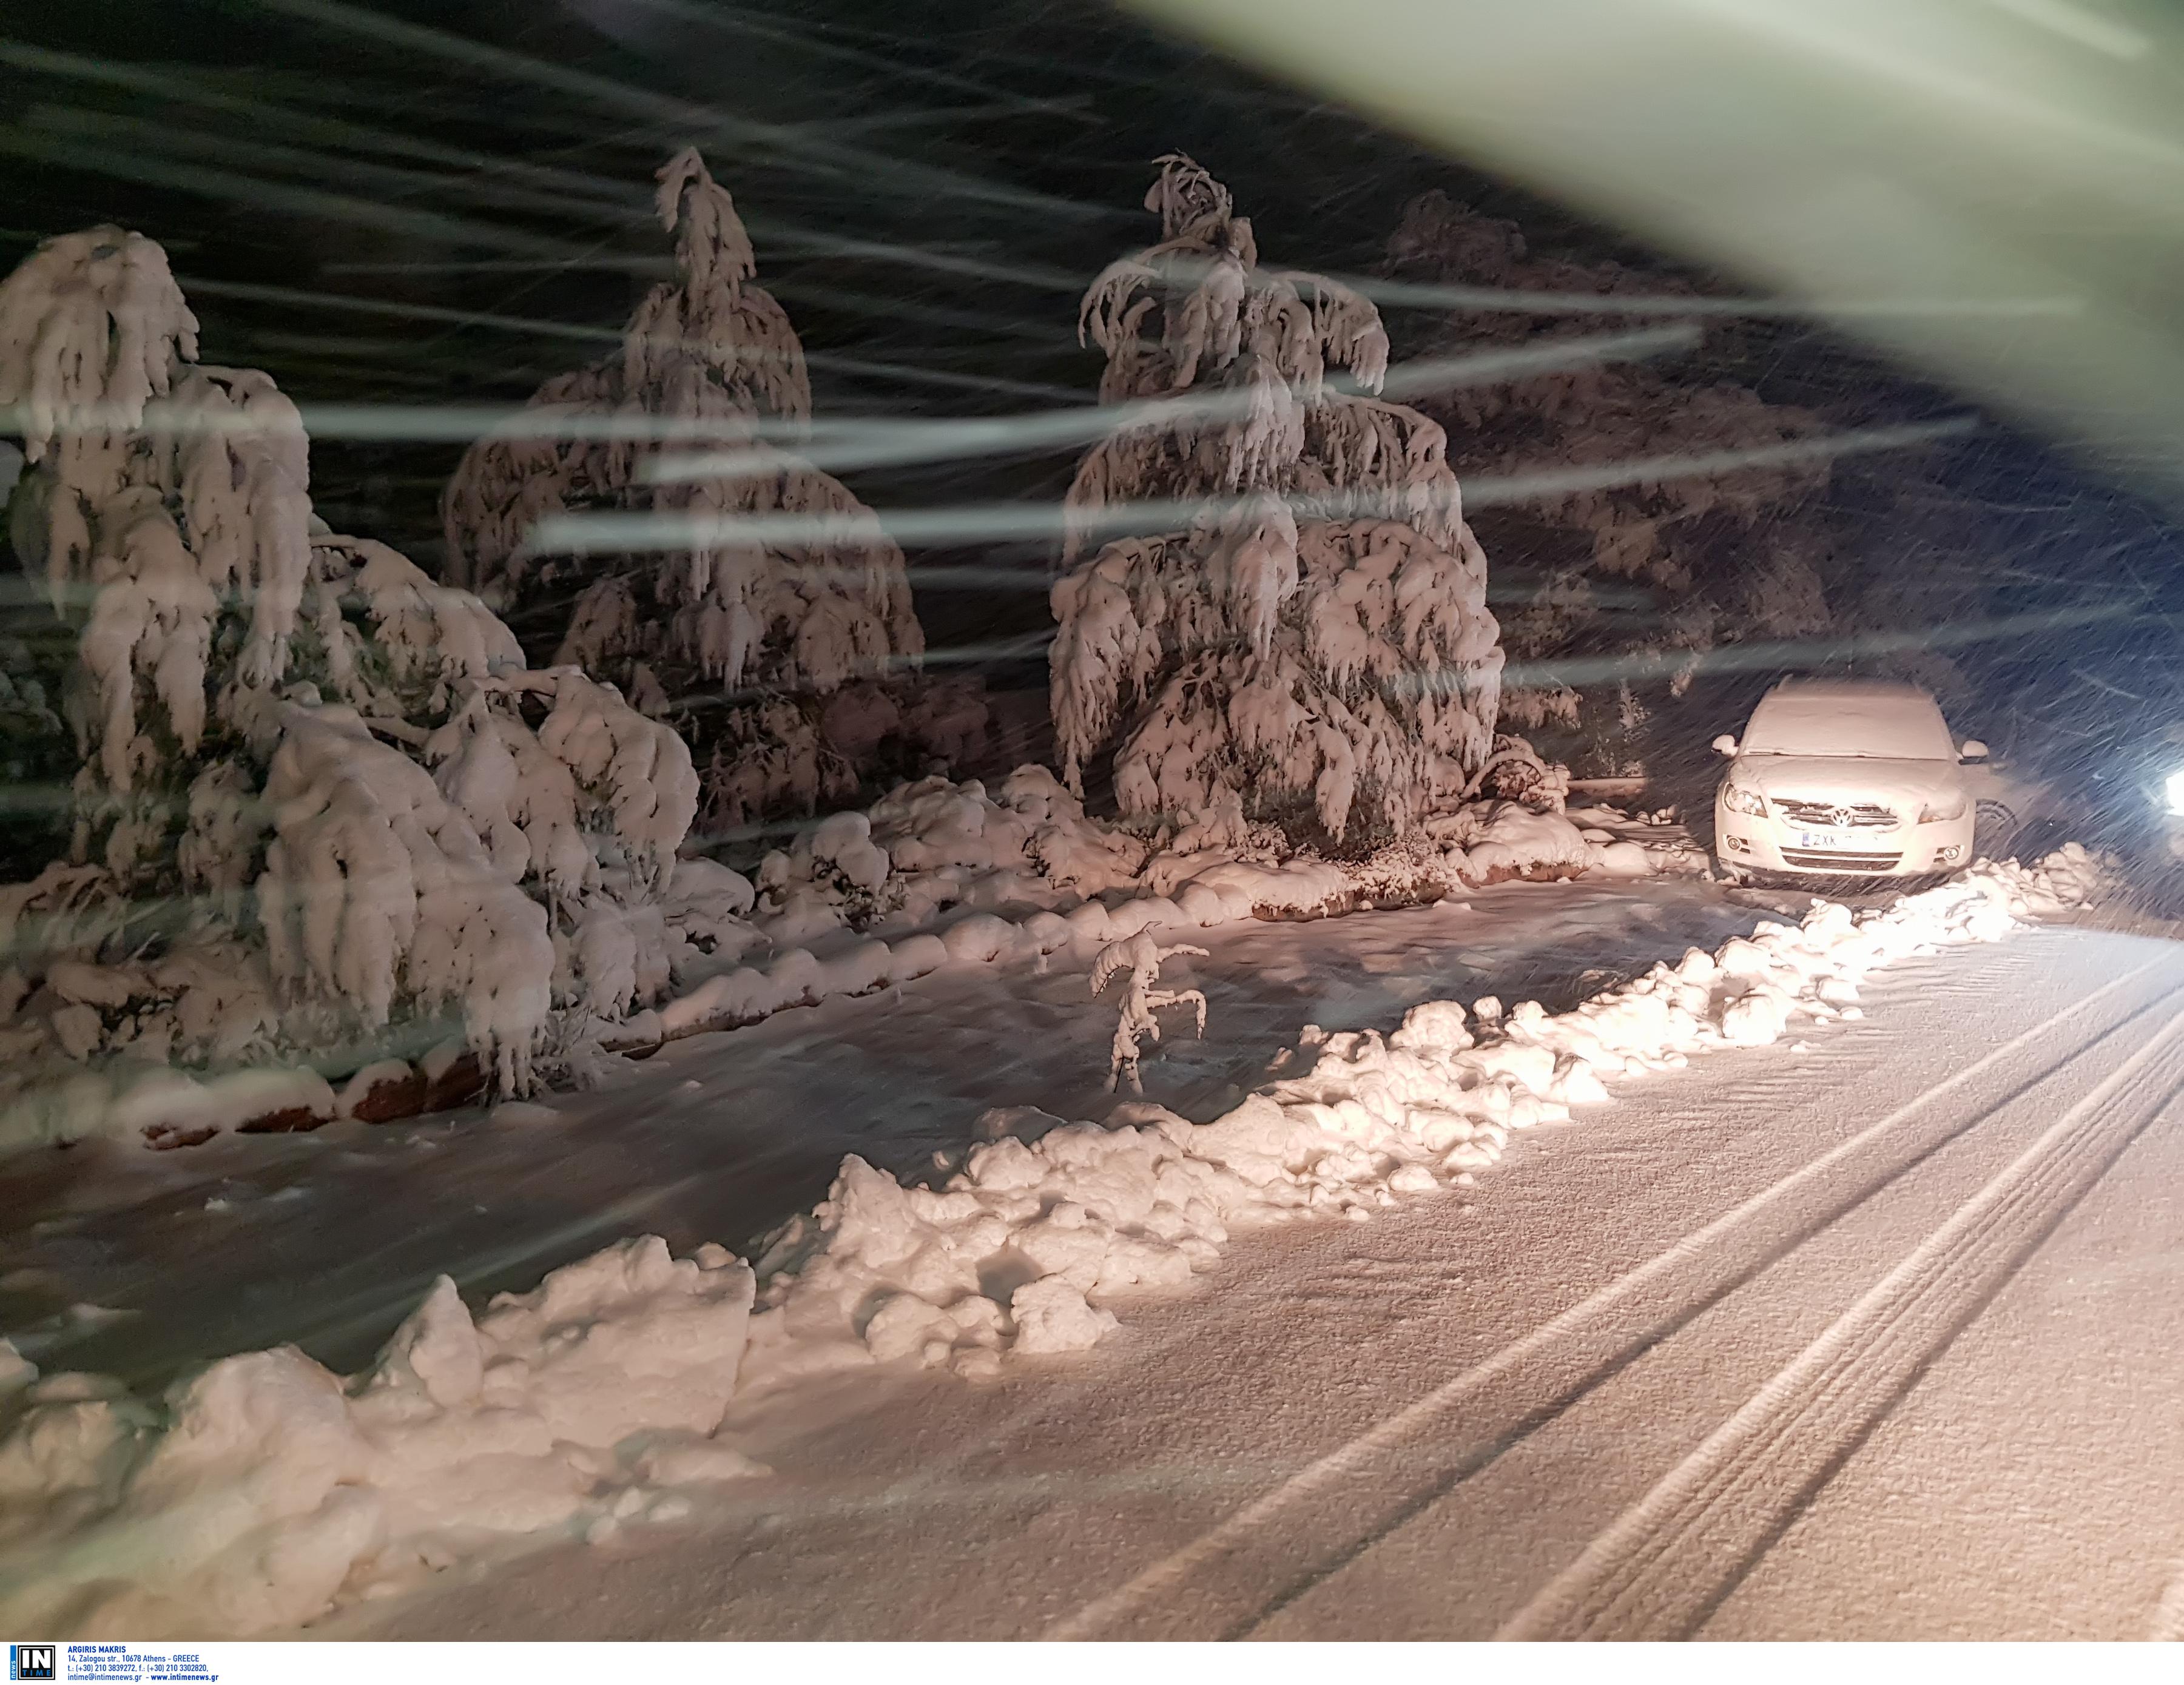 Χτυπά ανελέητα η Ζηνοβία! Χιόνια και θυελλώδεις άνεμοι σε Αττική και Βοιωτία